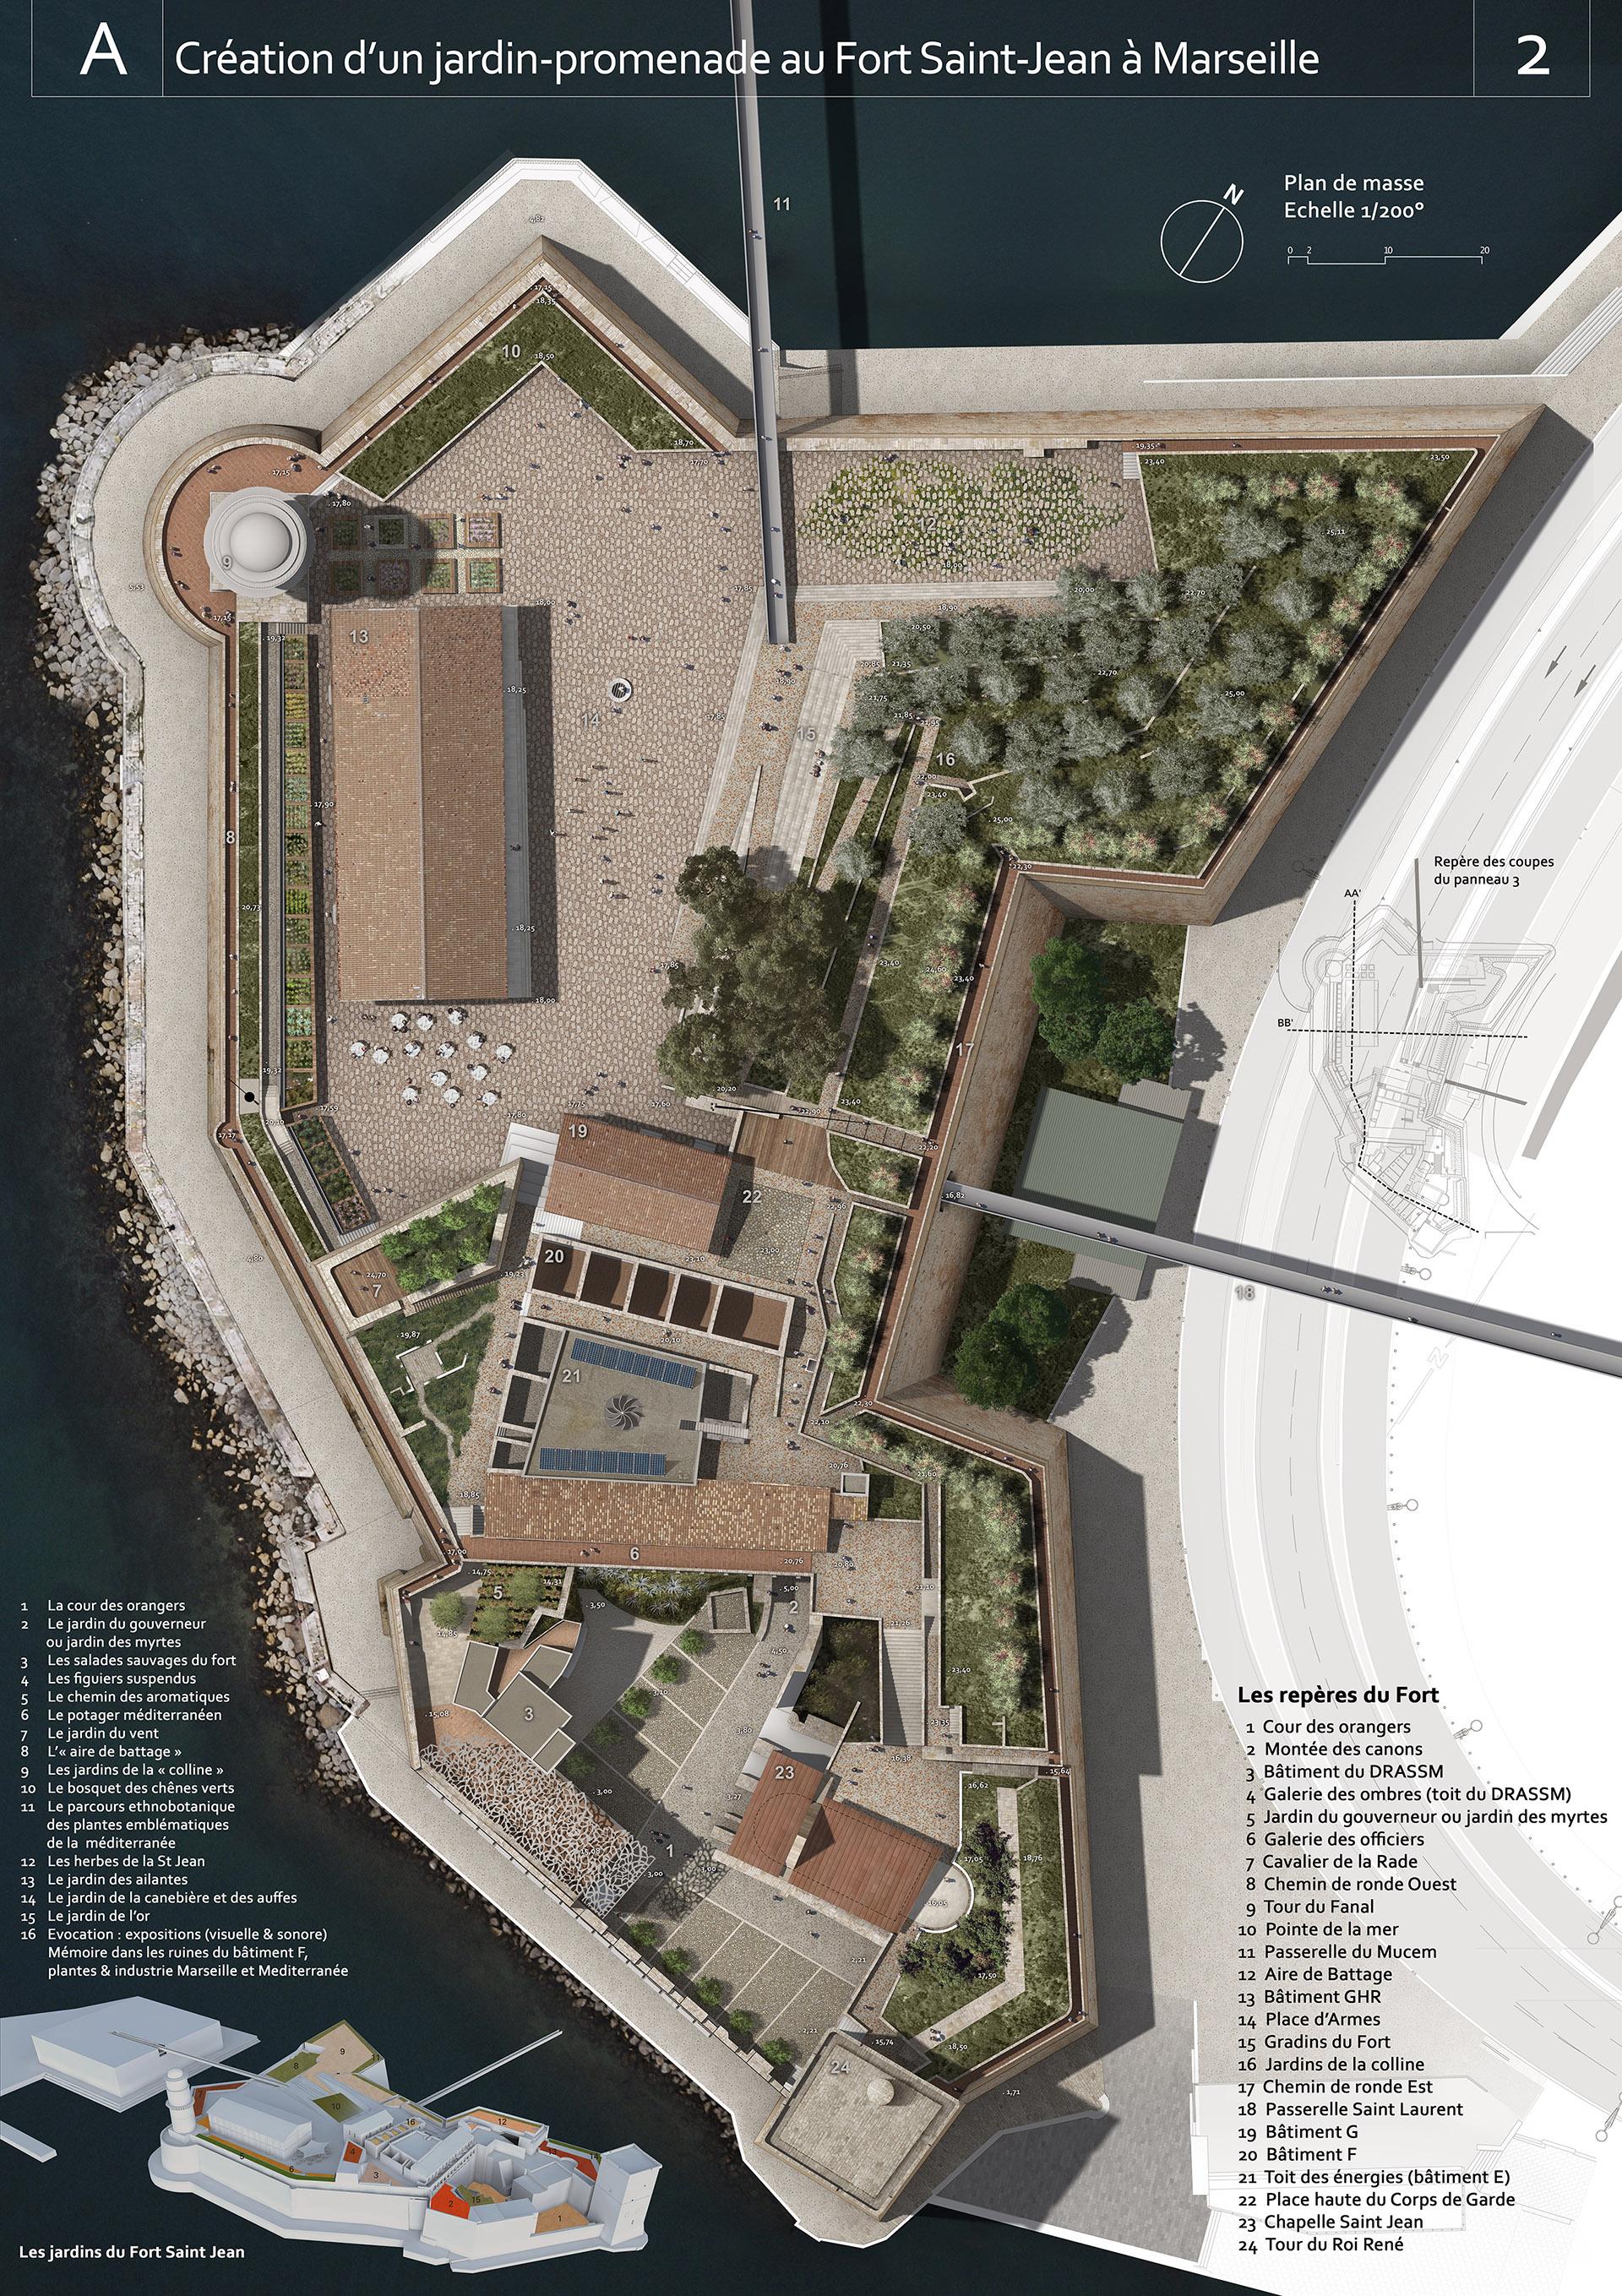 Perspective de concours - Agence APS Architecture de l'espace public Paysage et Urbanisme - Fort Saint-Jean à Marseille